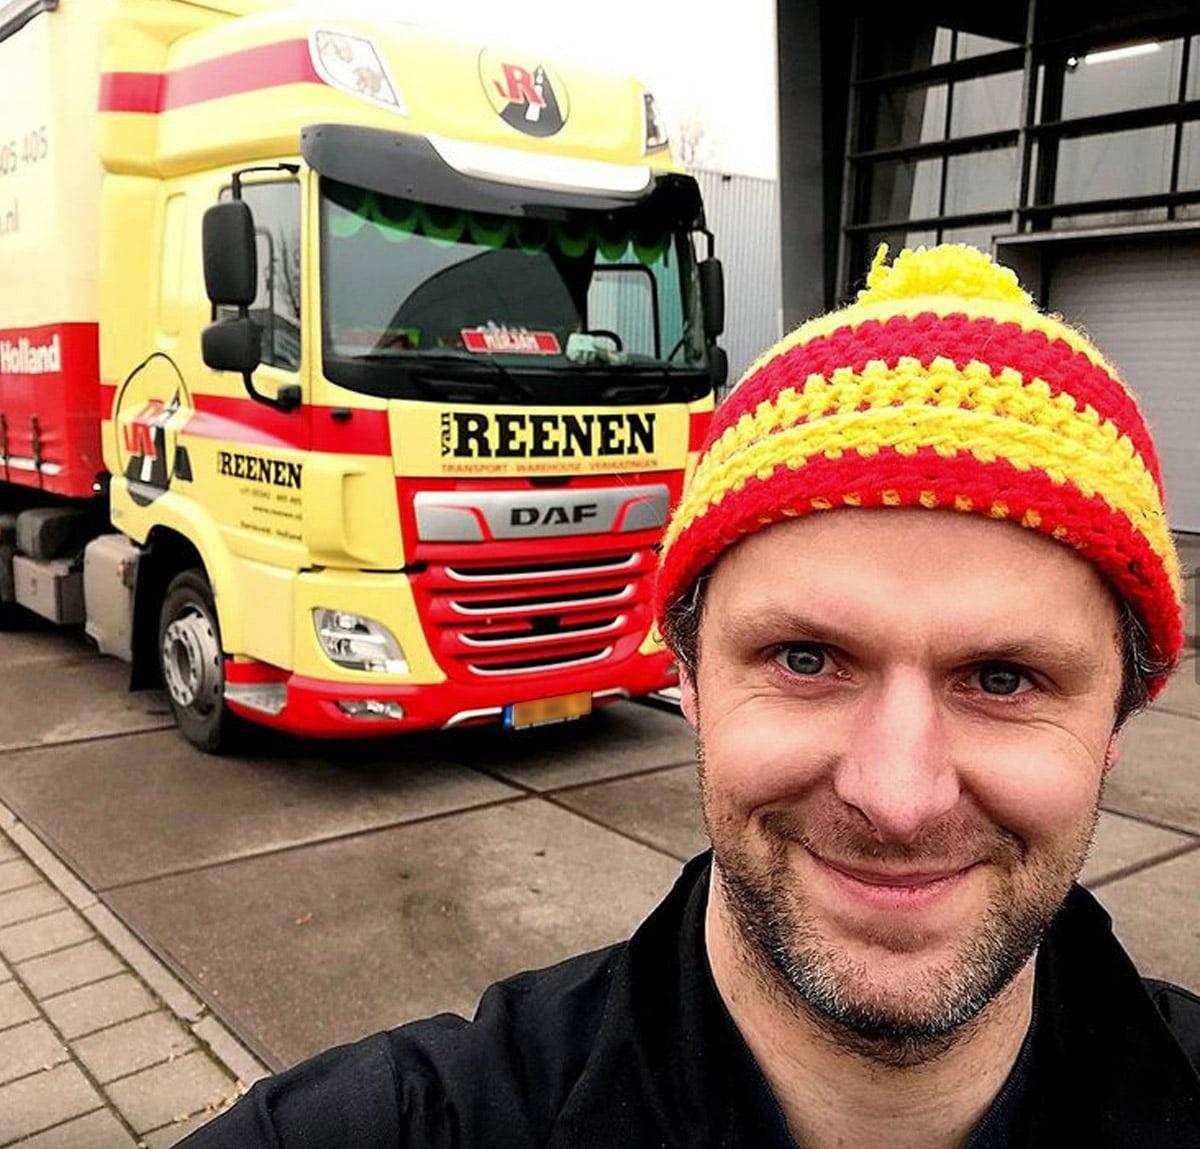 Bert-Hendriks-de-muts-ook-in-kleur-gespoten-19-2-2021